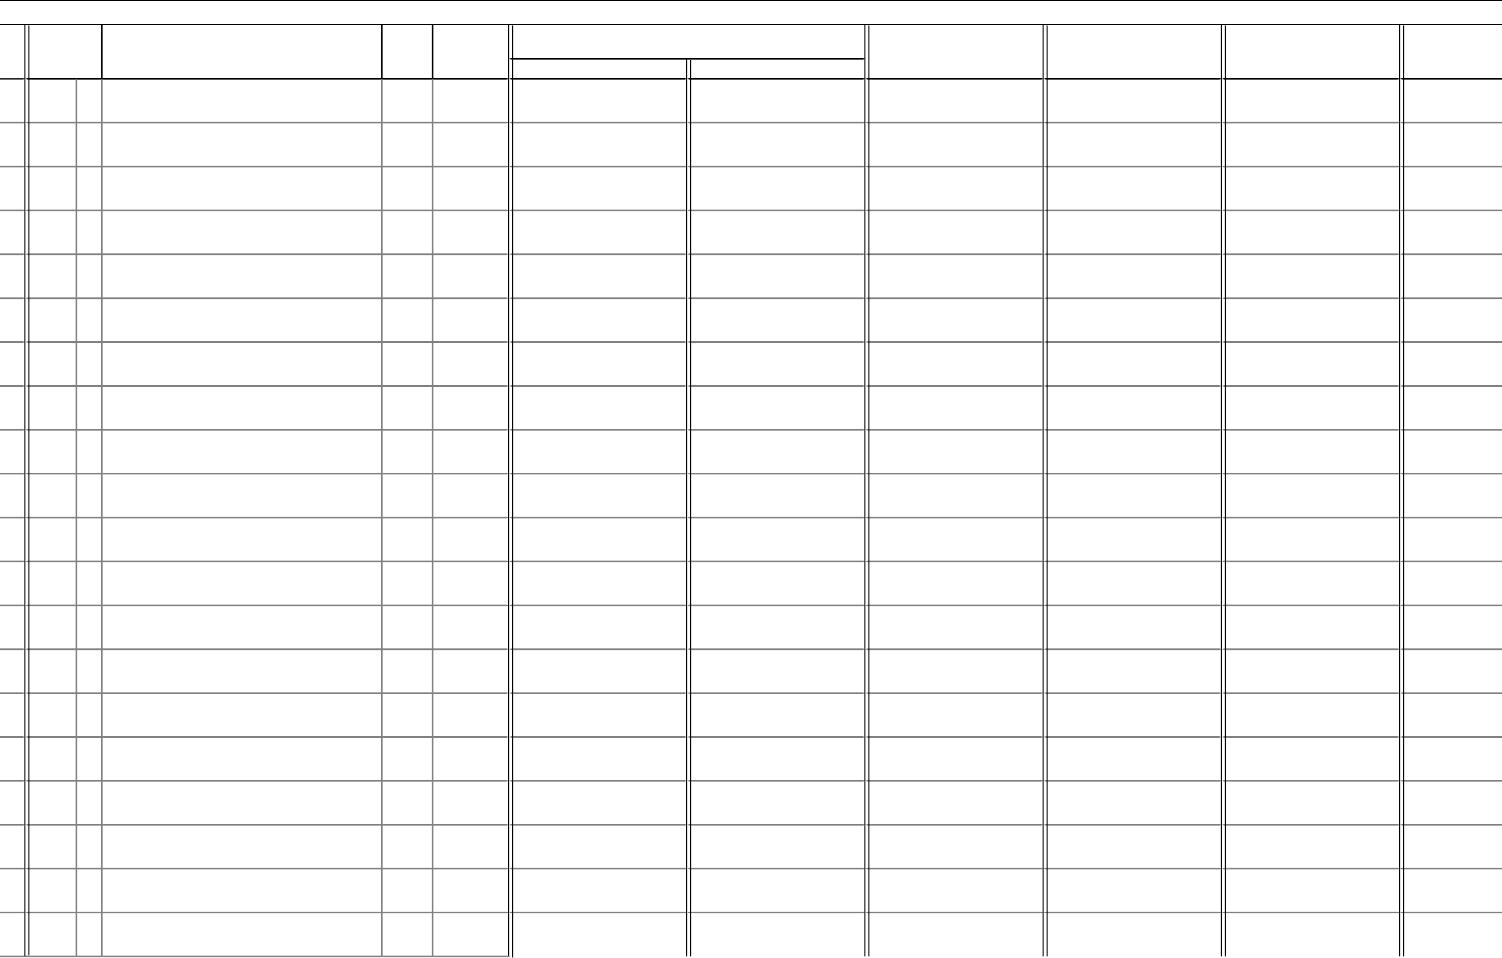 cash receipts journal template